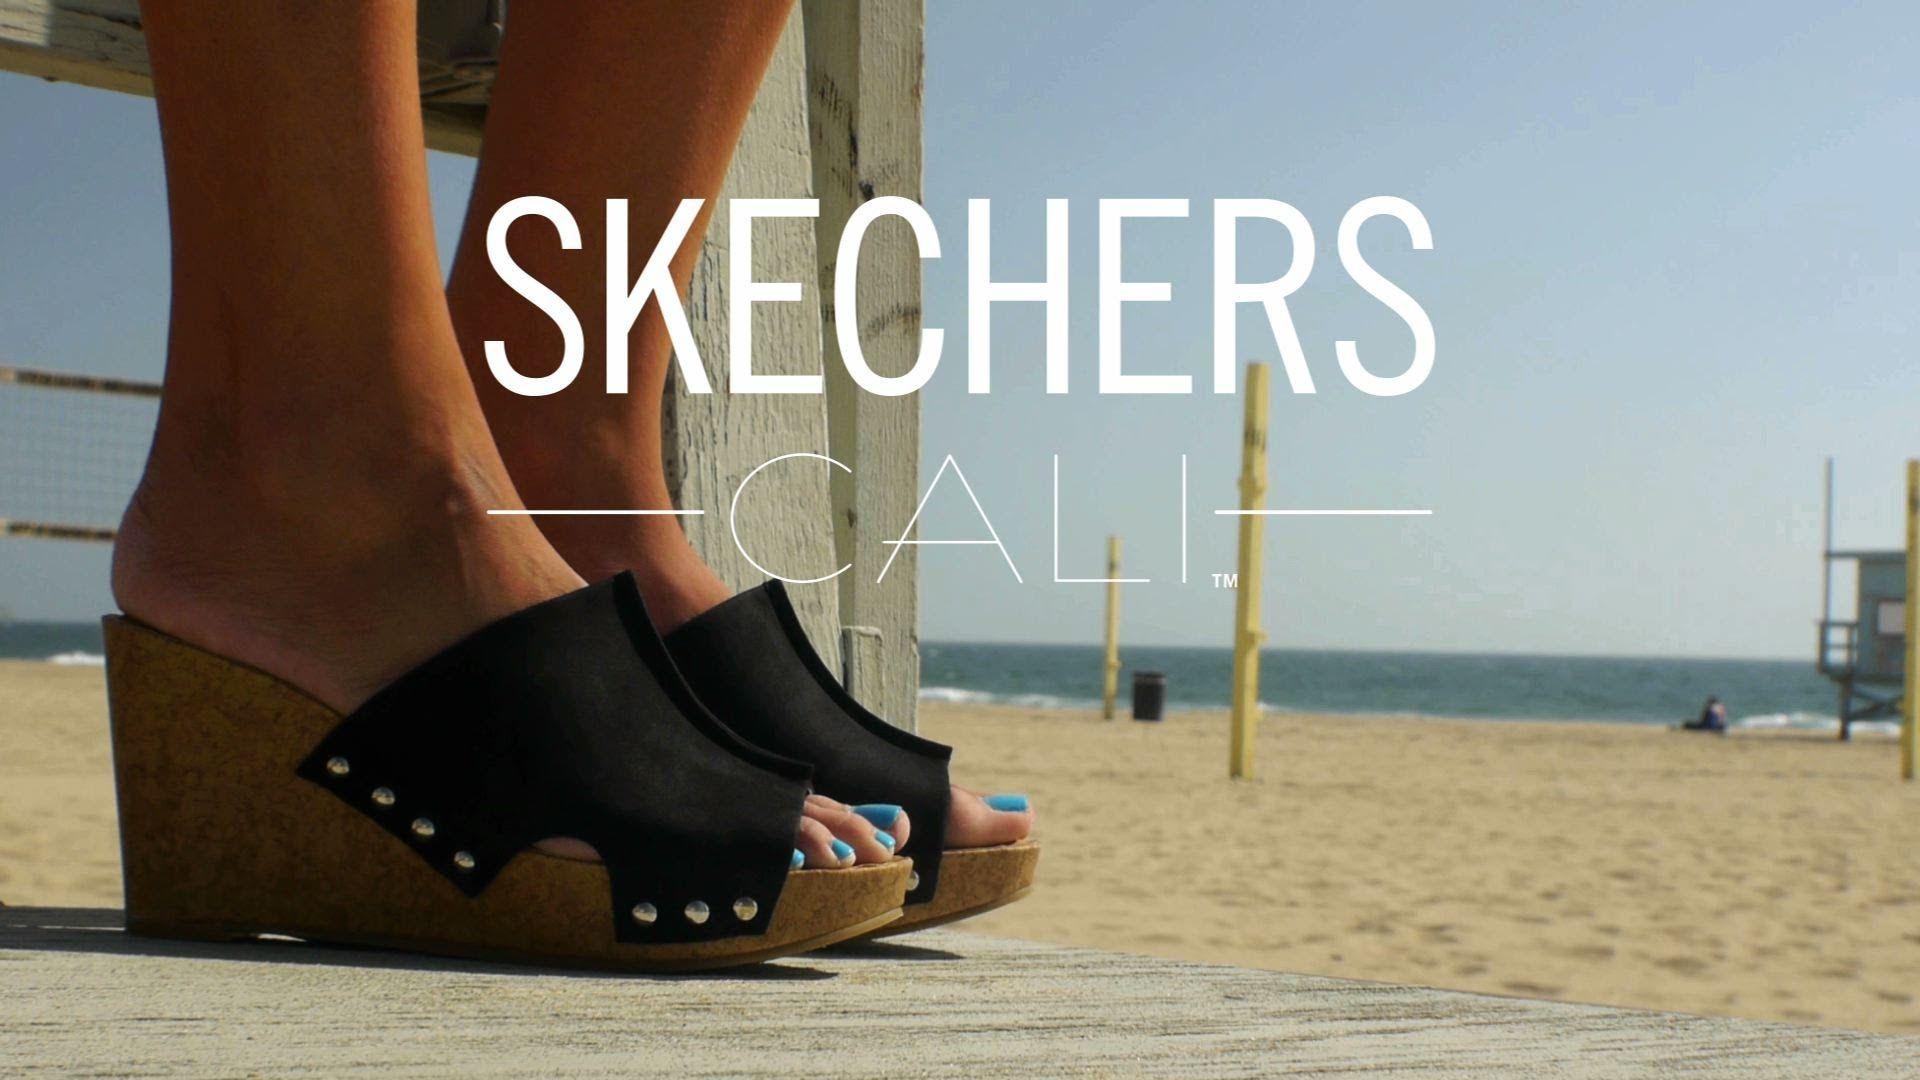 Skechers women